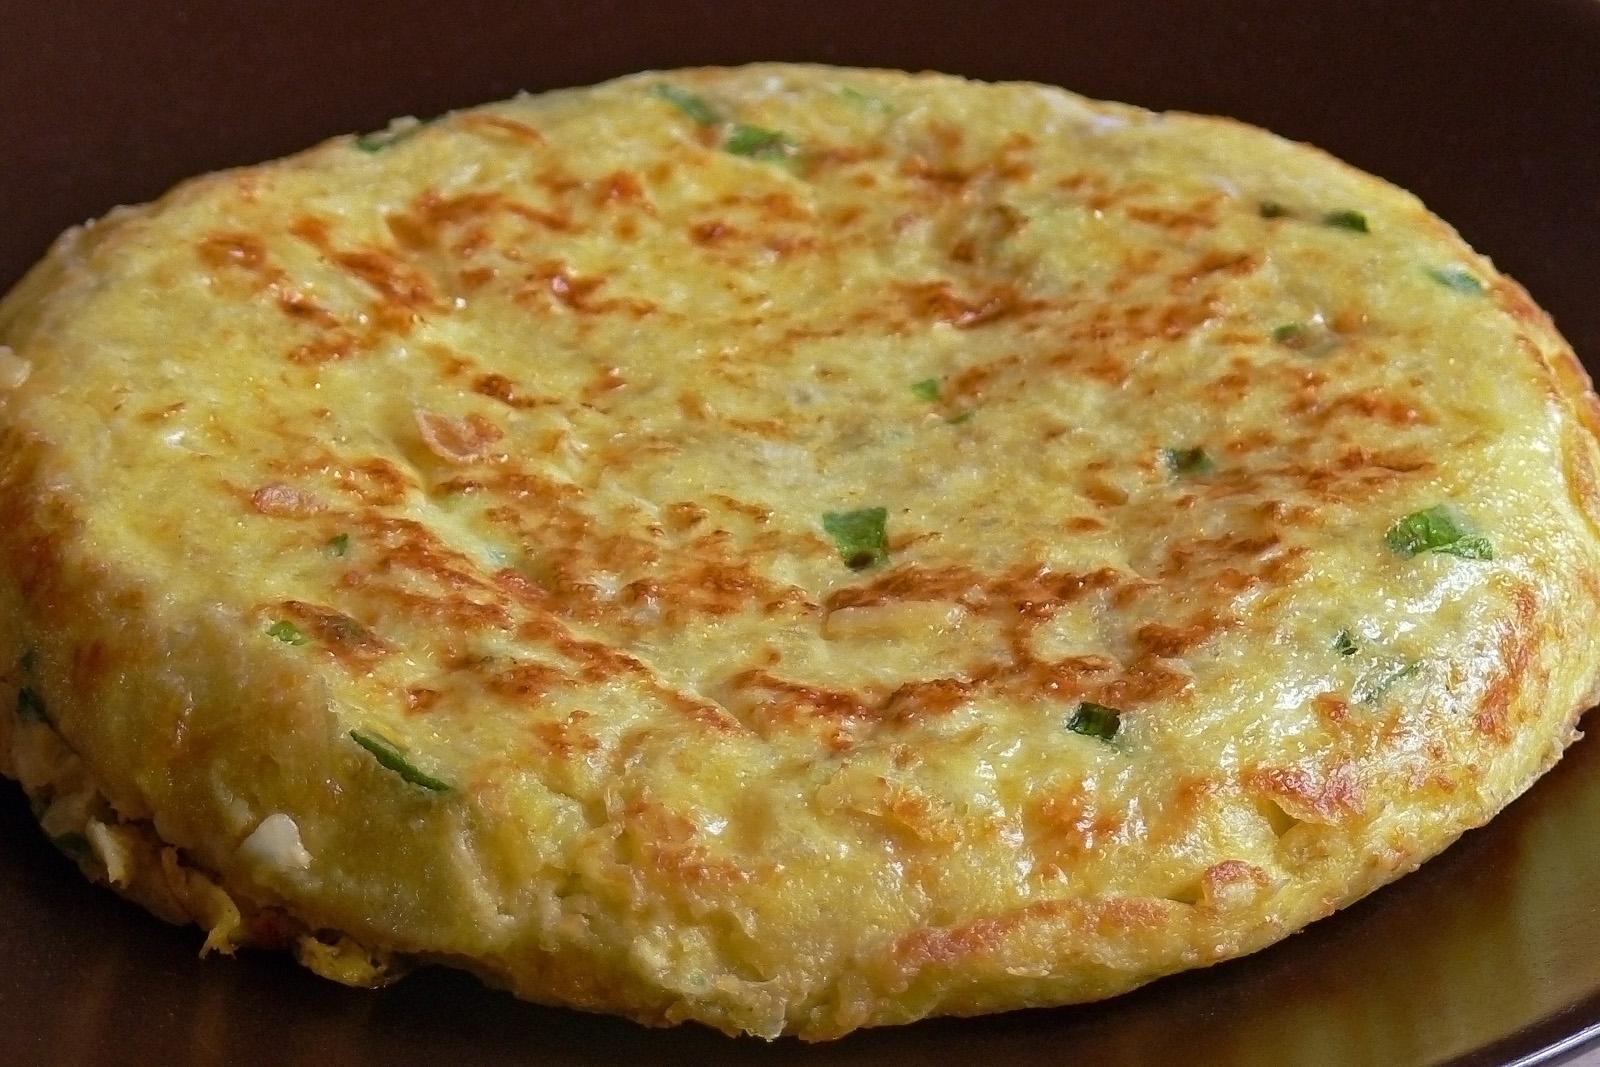 Tortilla Españolassa perinteinen perunamunakas (tortilla de patatas) saa täyteläisen ja kuohkean olemuksen.